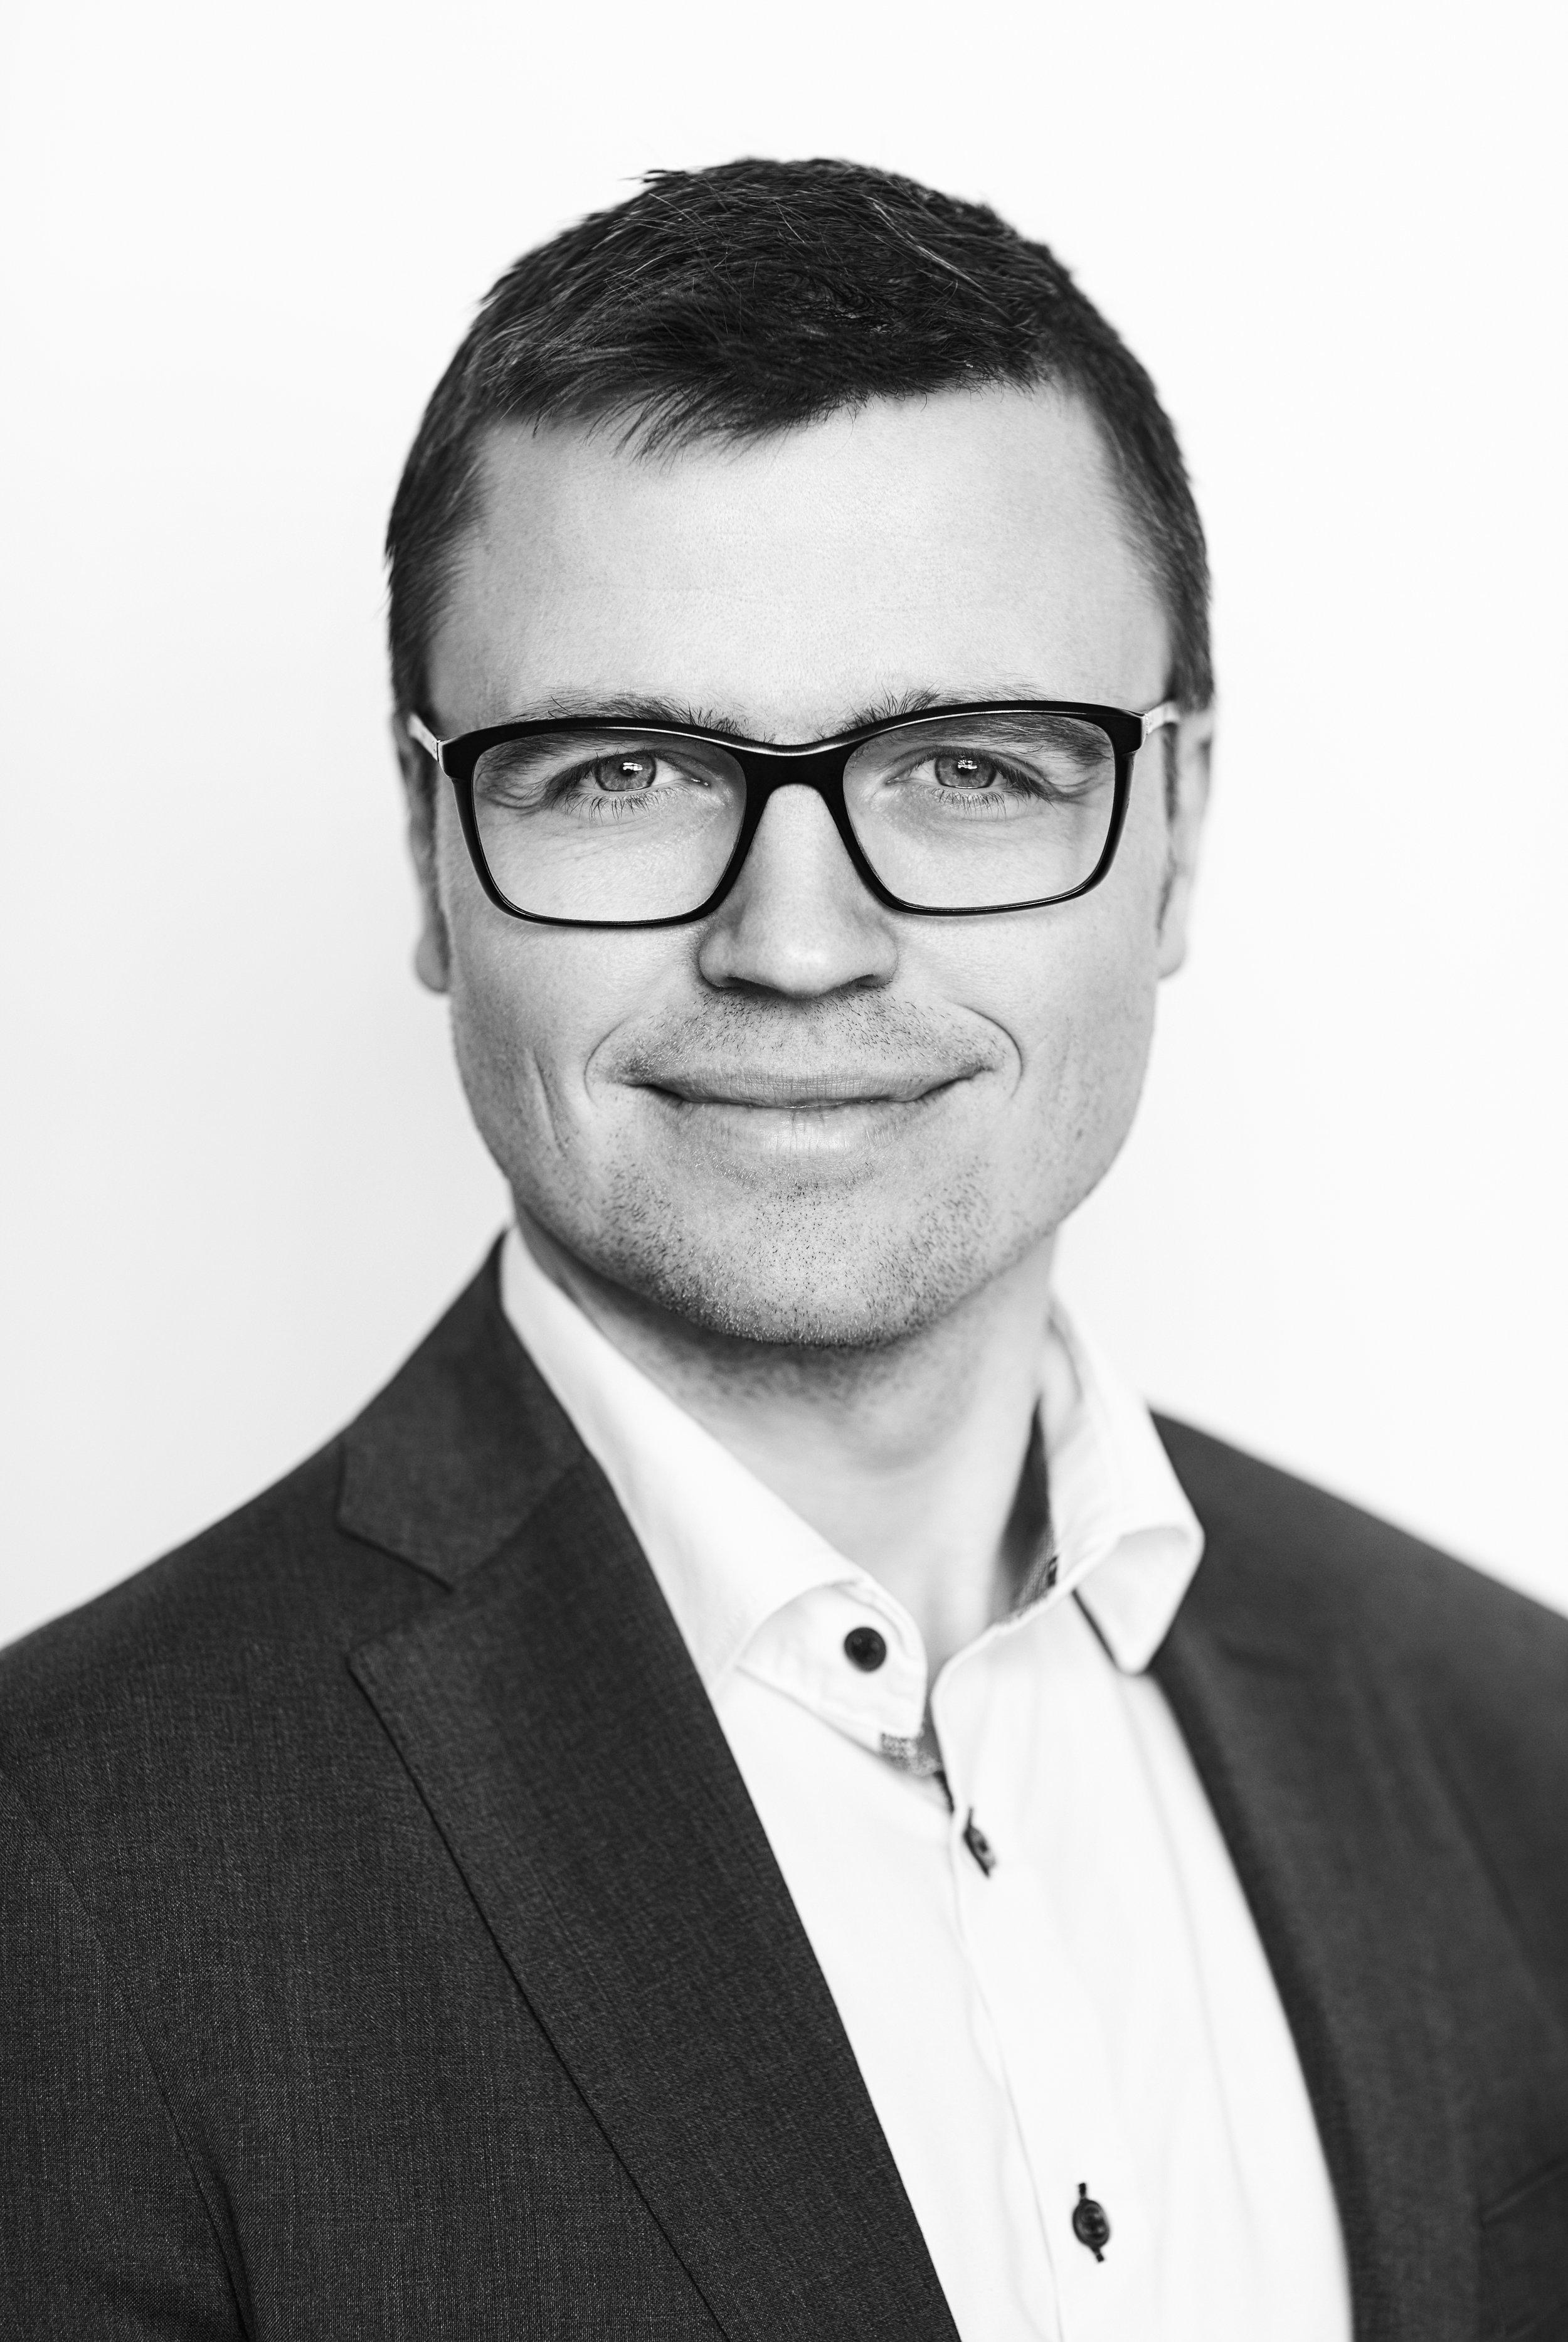 Bjarke F. LarsenPArtner, Advokat, MBA - Selskabs- & Erhvervsret Virksomhedsoverdragelser Sundhedssektoren Energi & Forsyning